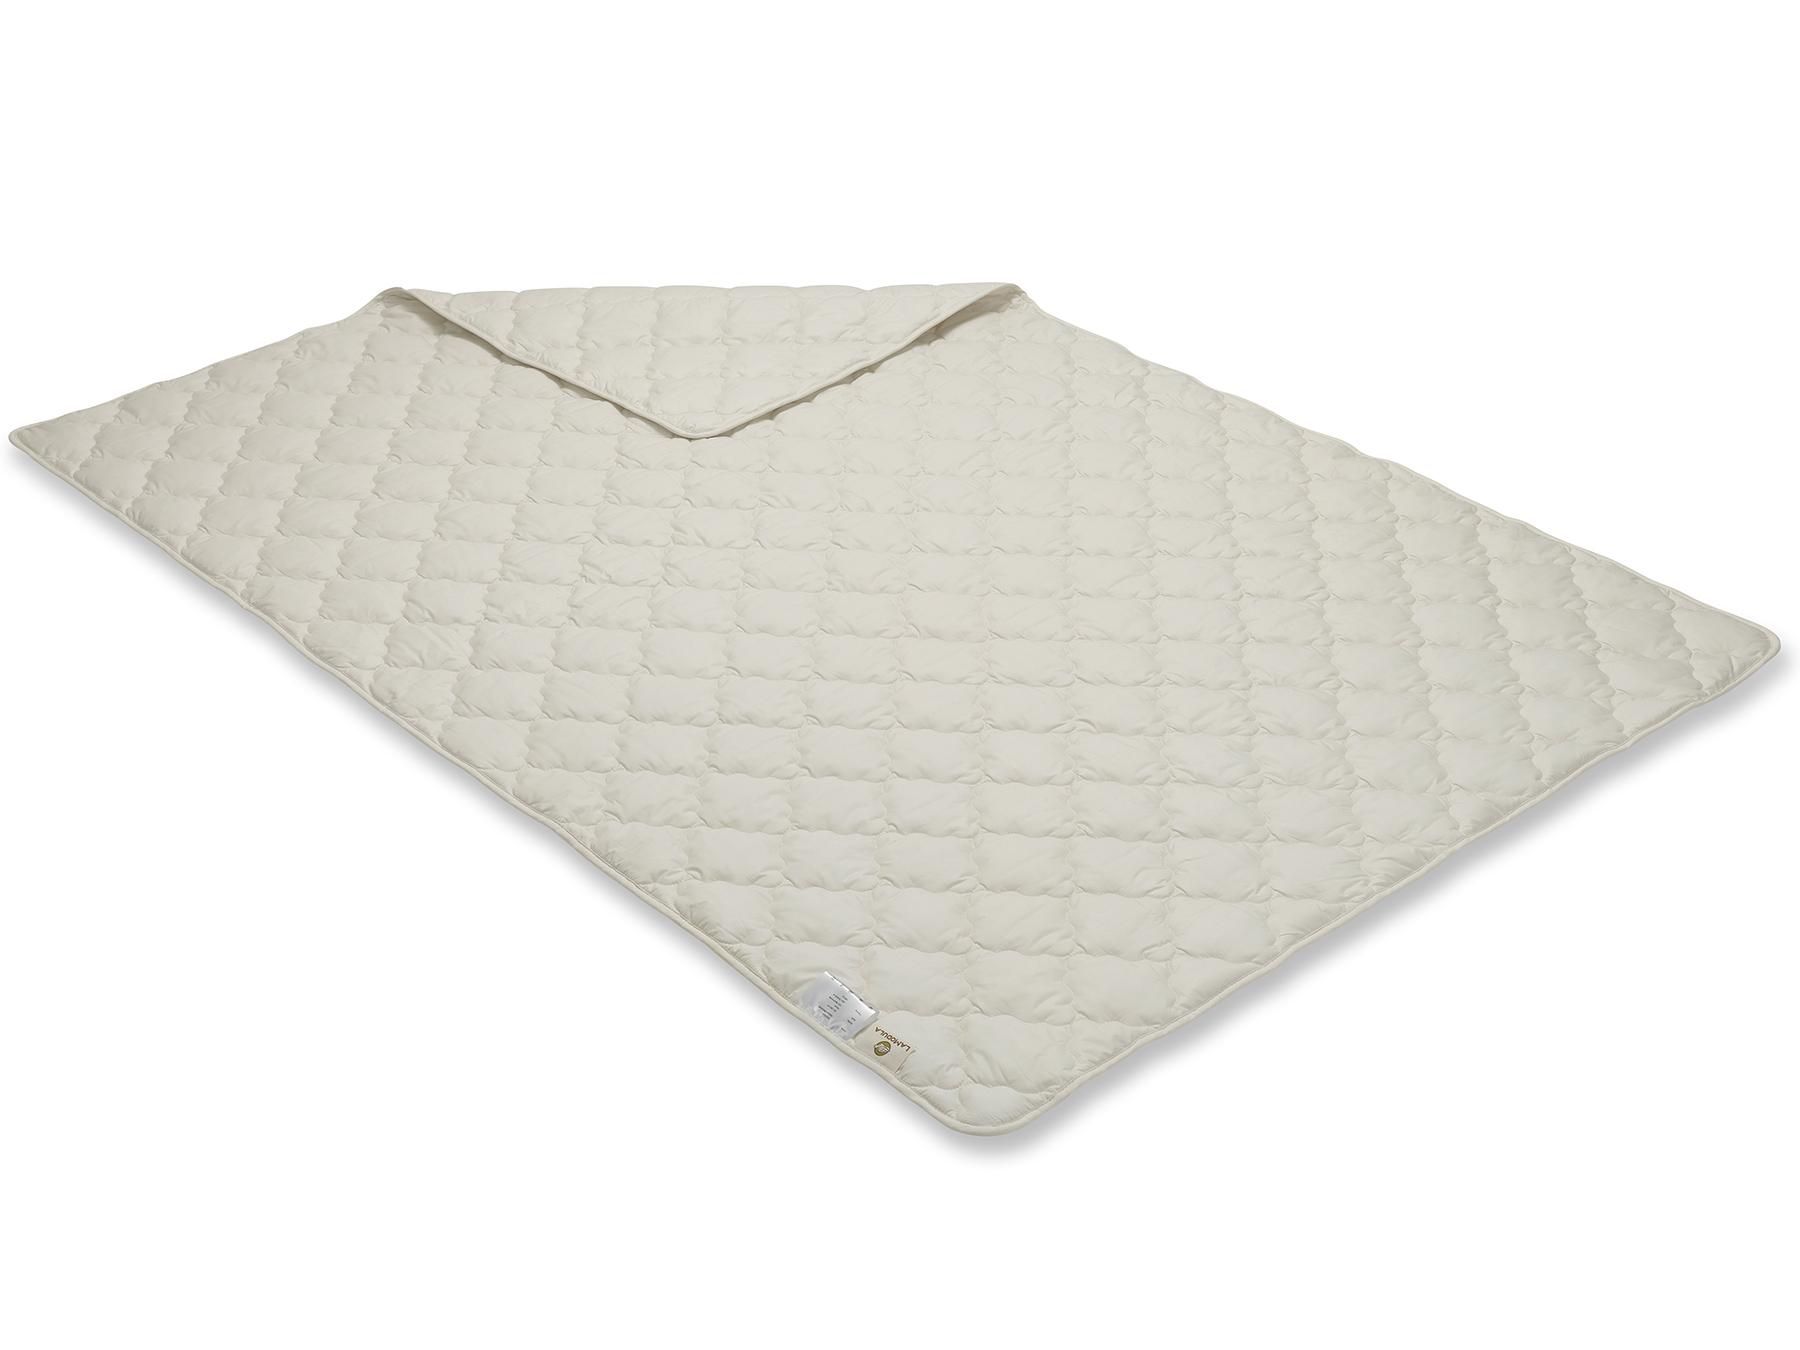 Diese Decke wird mit Vielnadeltechnik hergestellt - so ergibt sich ein durchgehendes Muster.